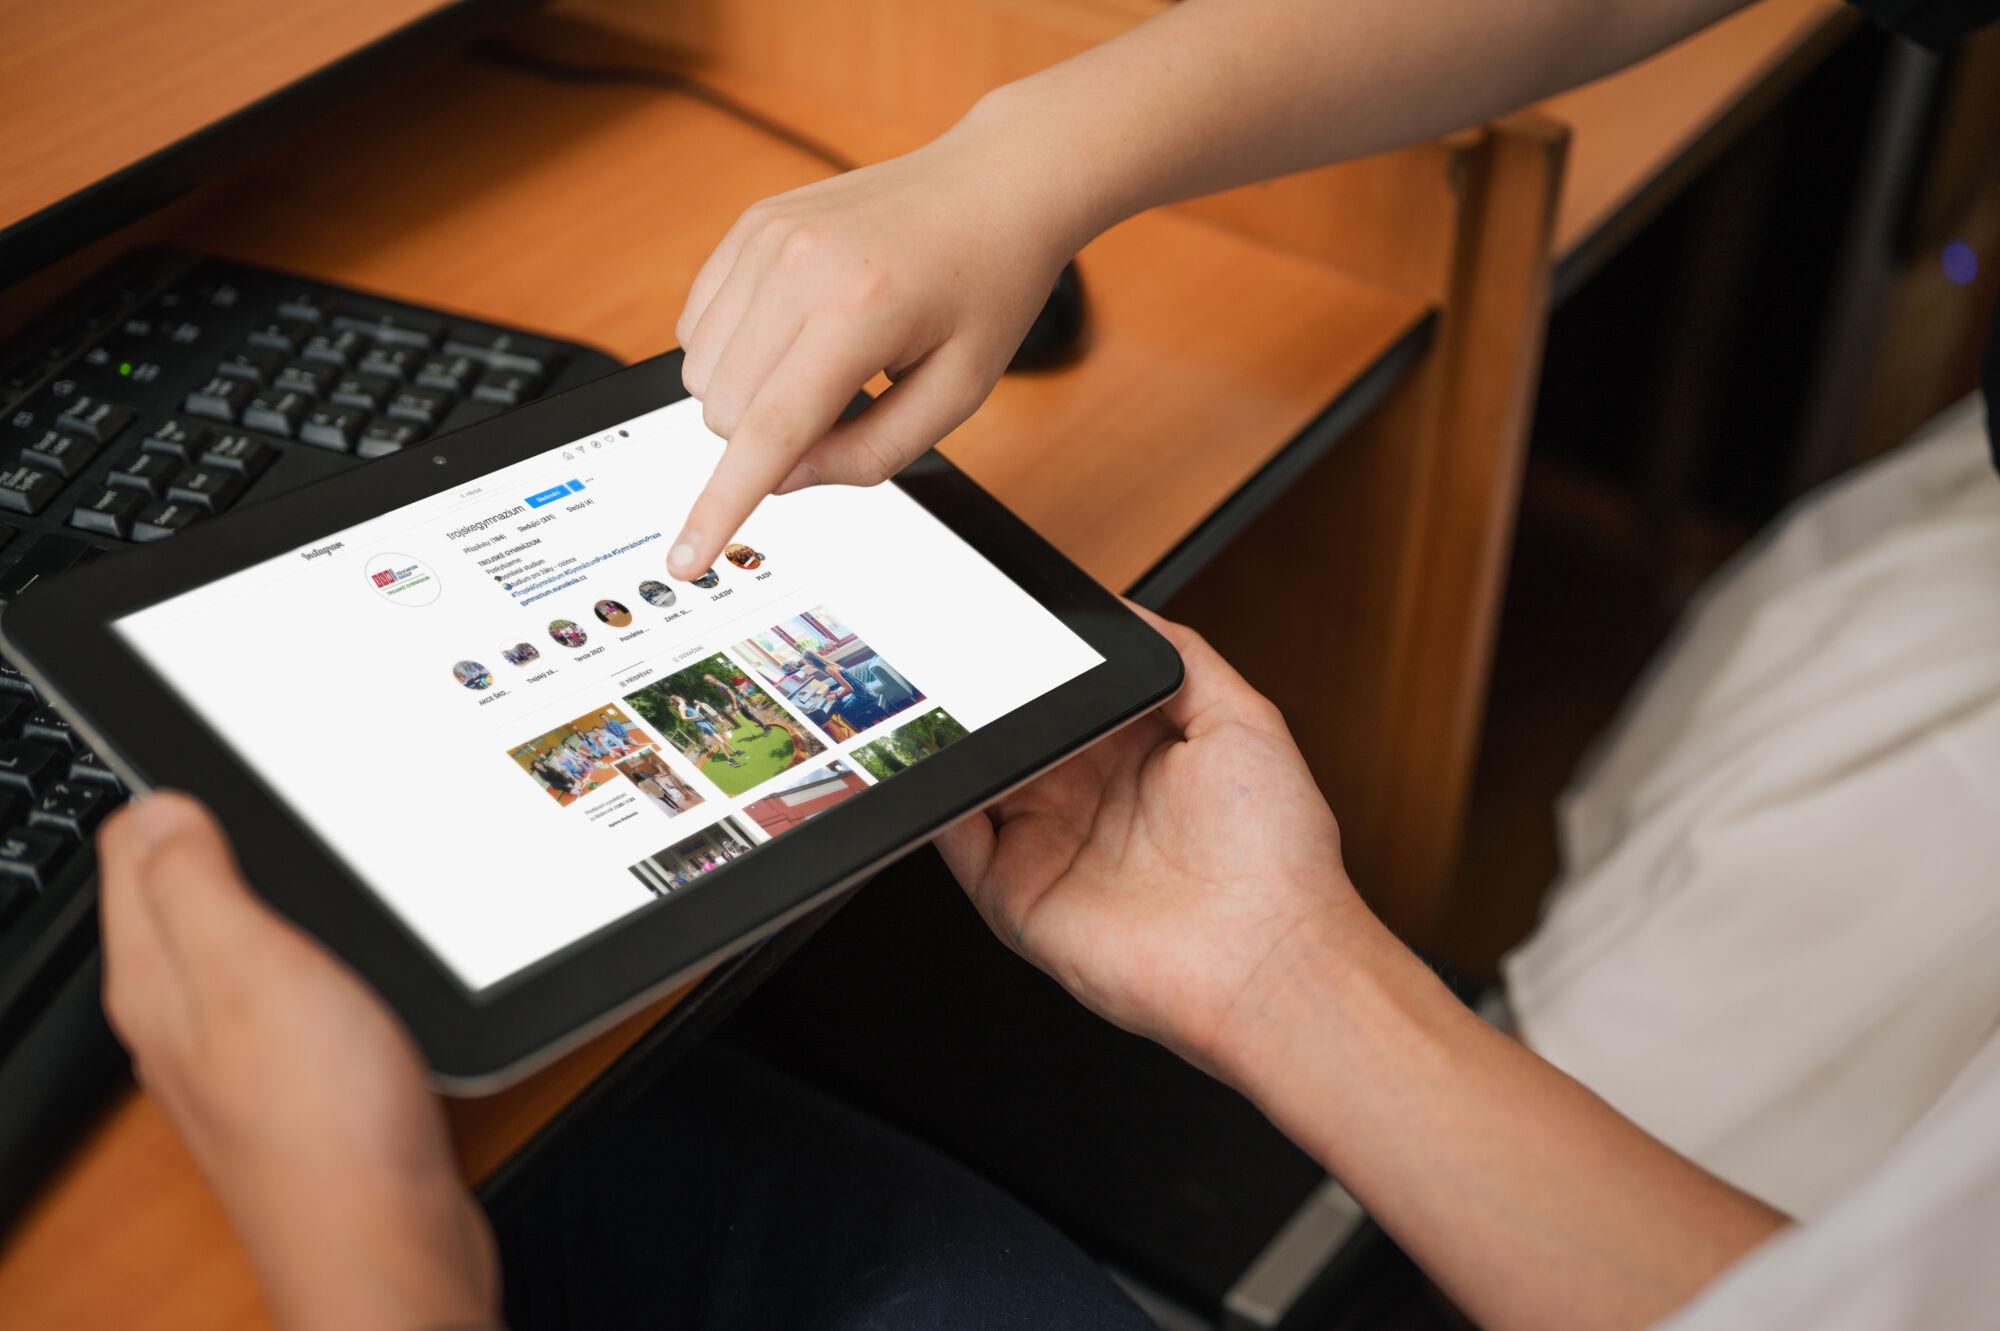 studenti Trojského gymnázia při hodin IVT, počítačová učebna, vybavení školy, instagram Trojského gymnázia